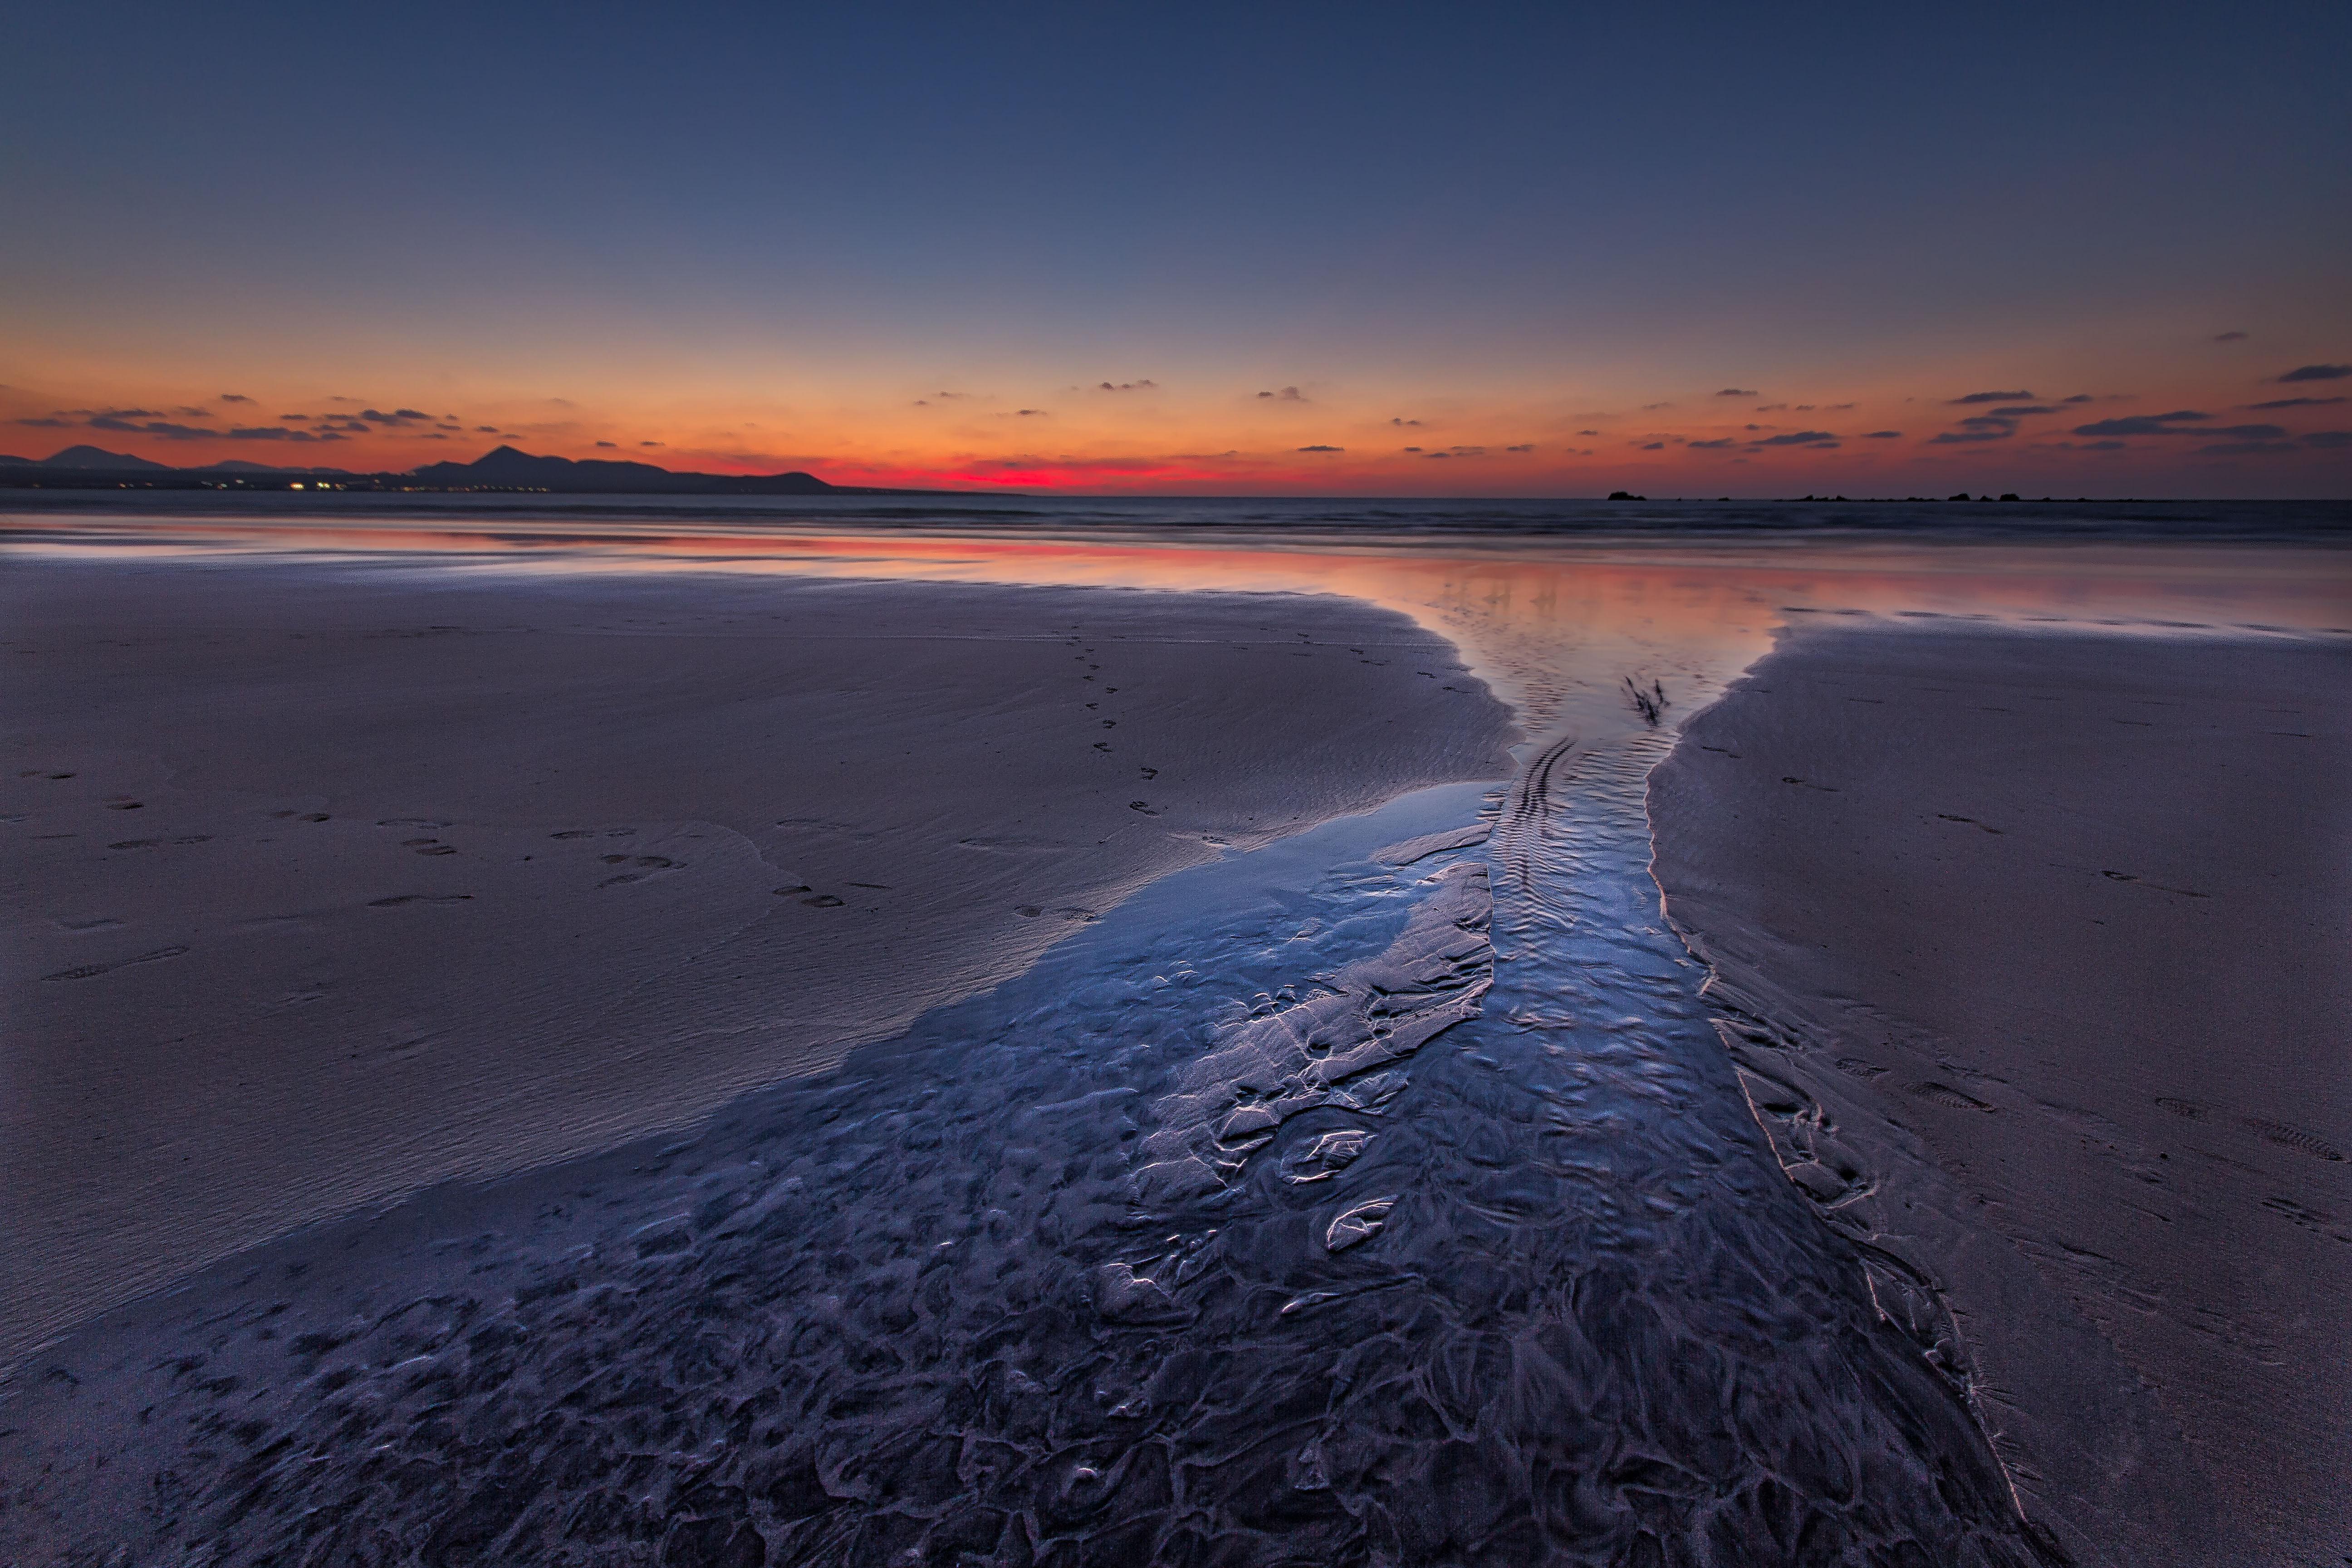 Atardecer en playa de Famara , Lanzarote, fotografía de Dolmancé